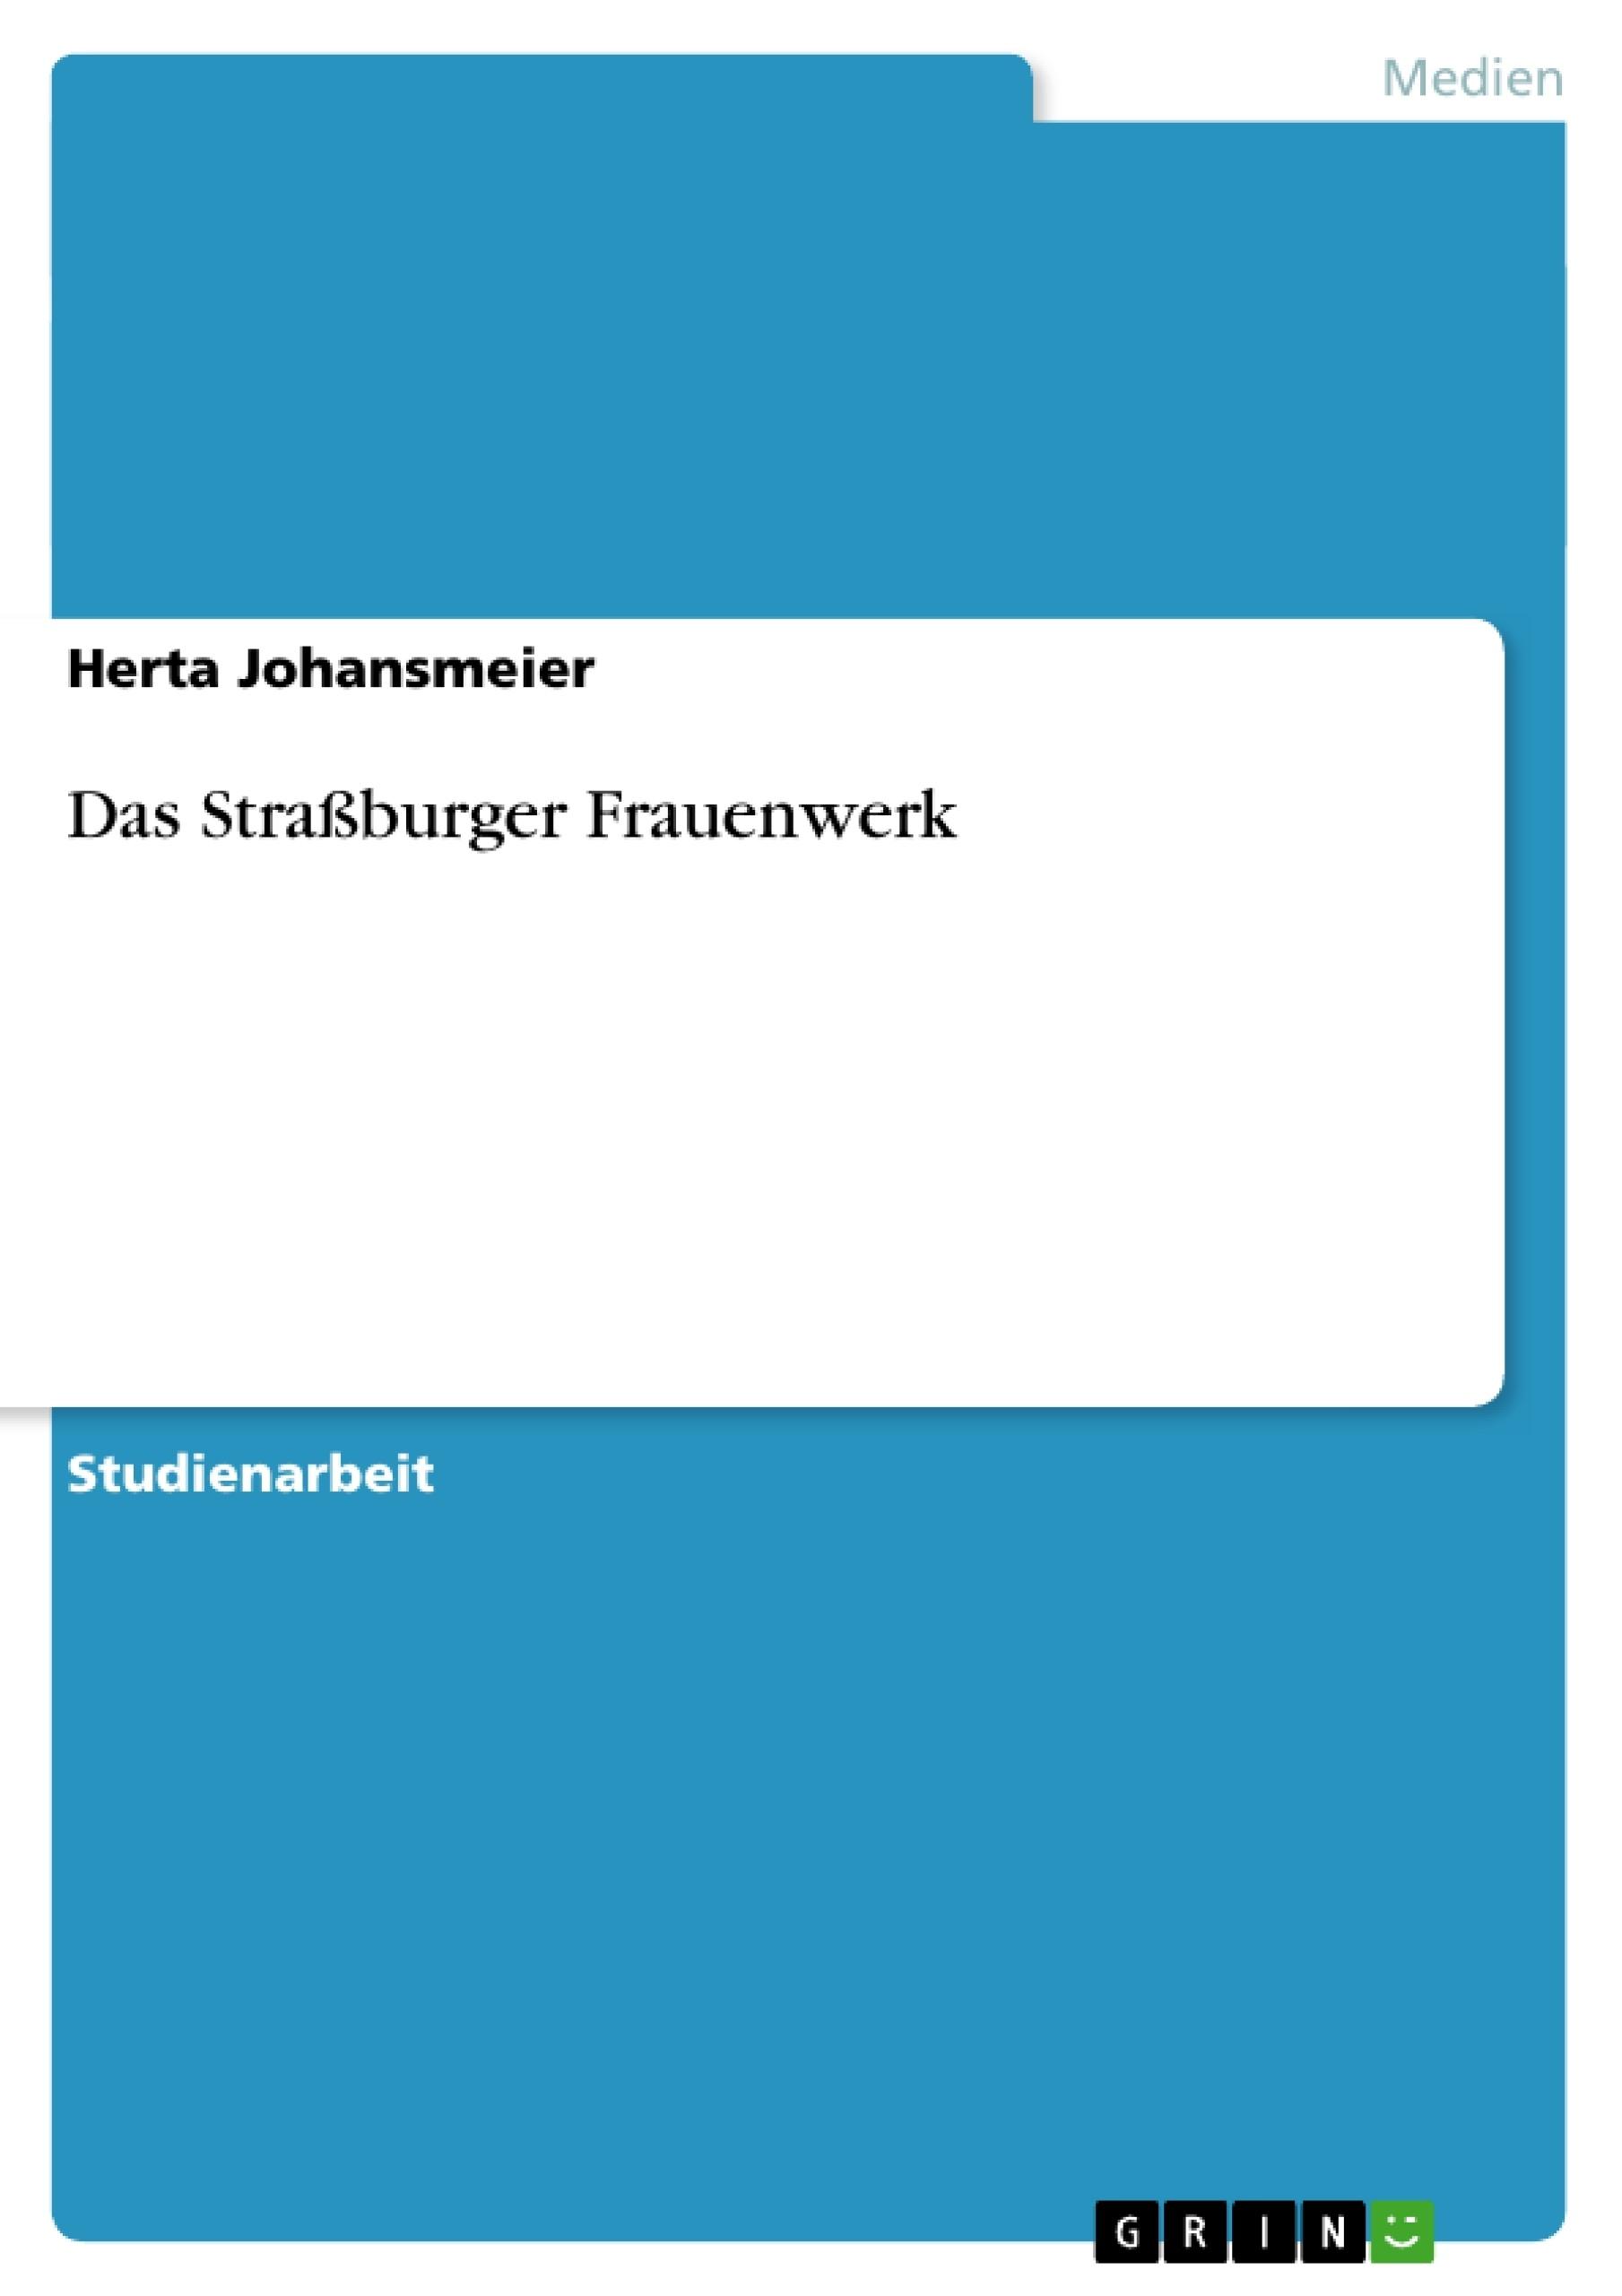 Titel: Das Straßburger Frauenwerk